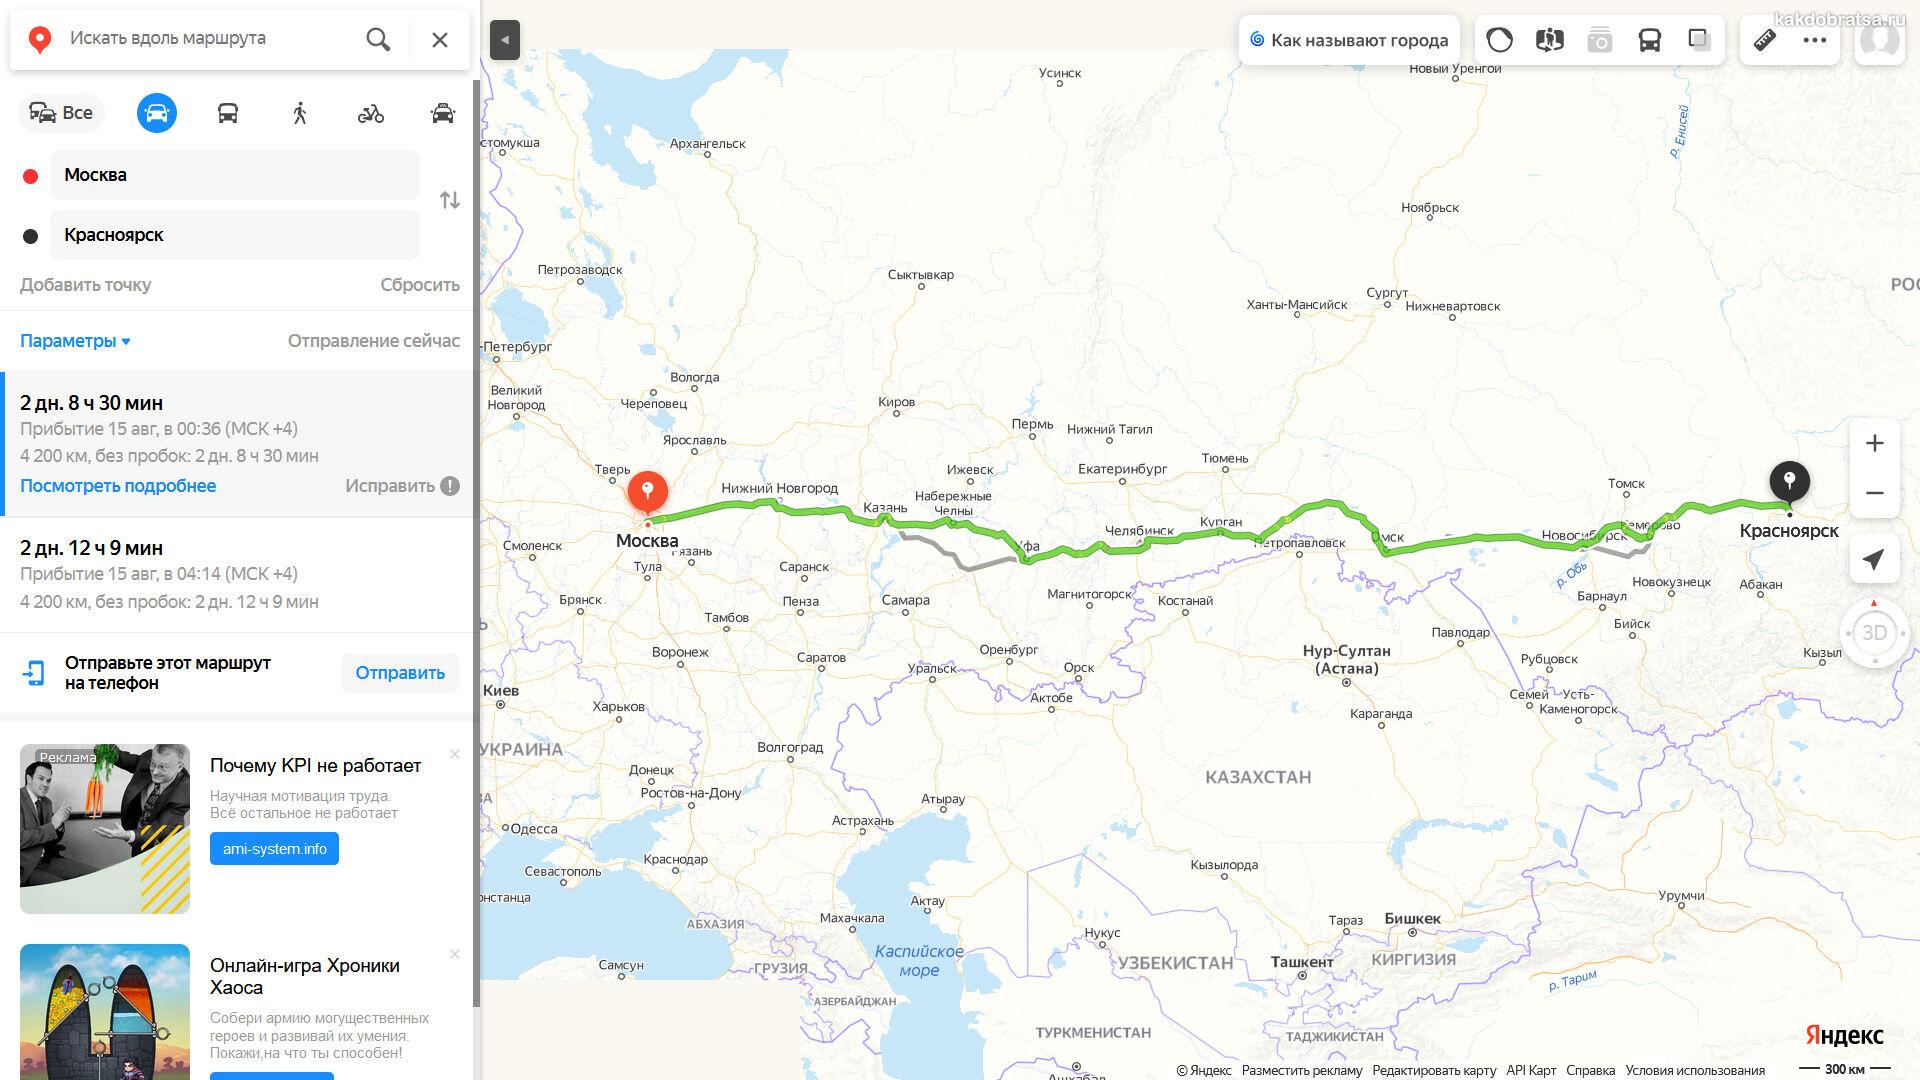 Расстояние между Москвой и Красноярском по карте